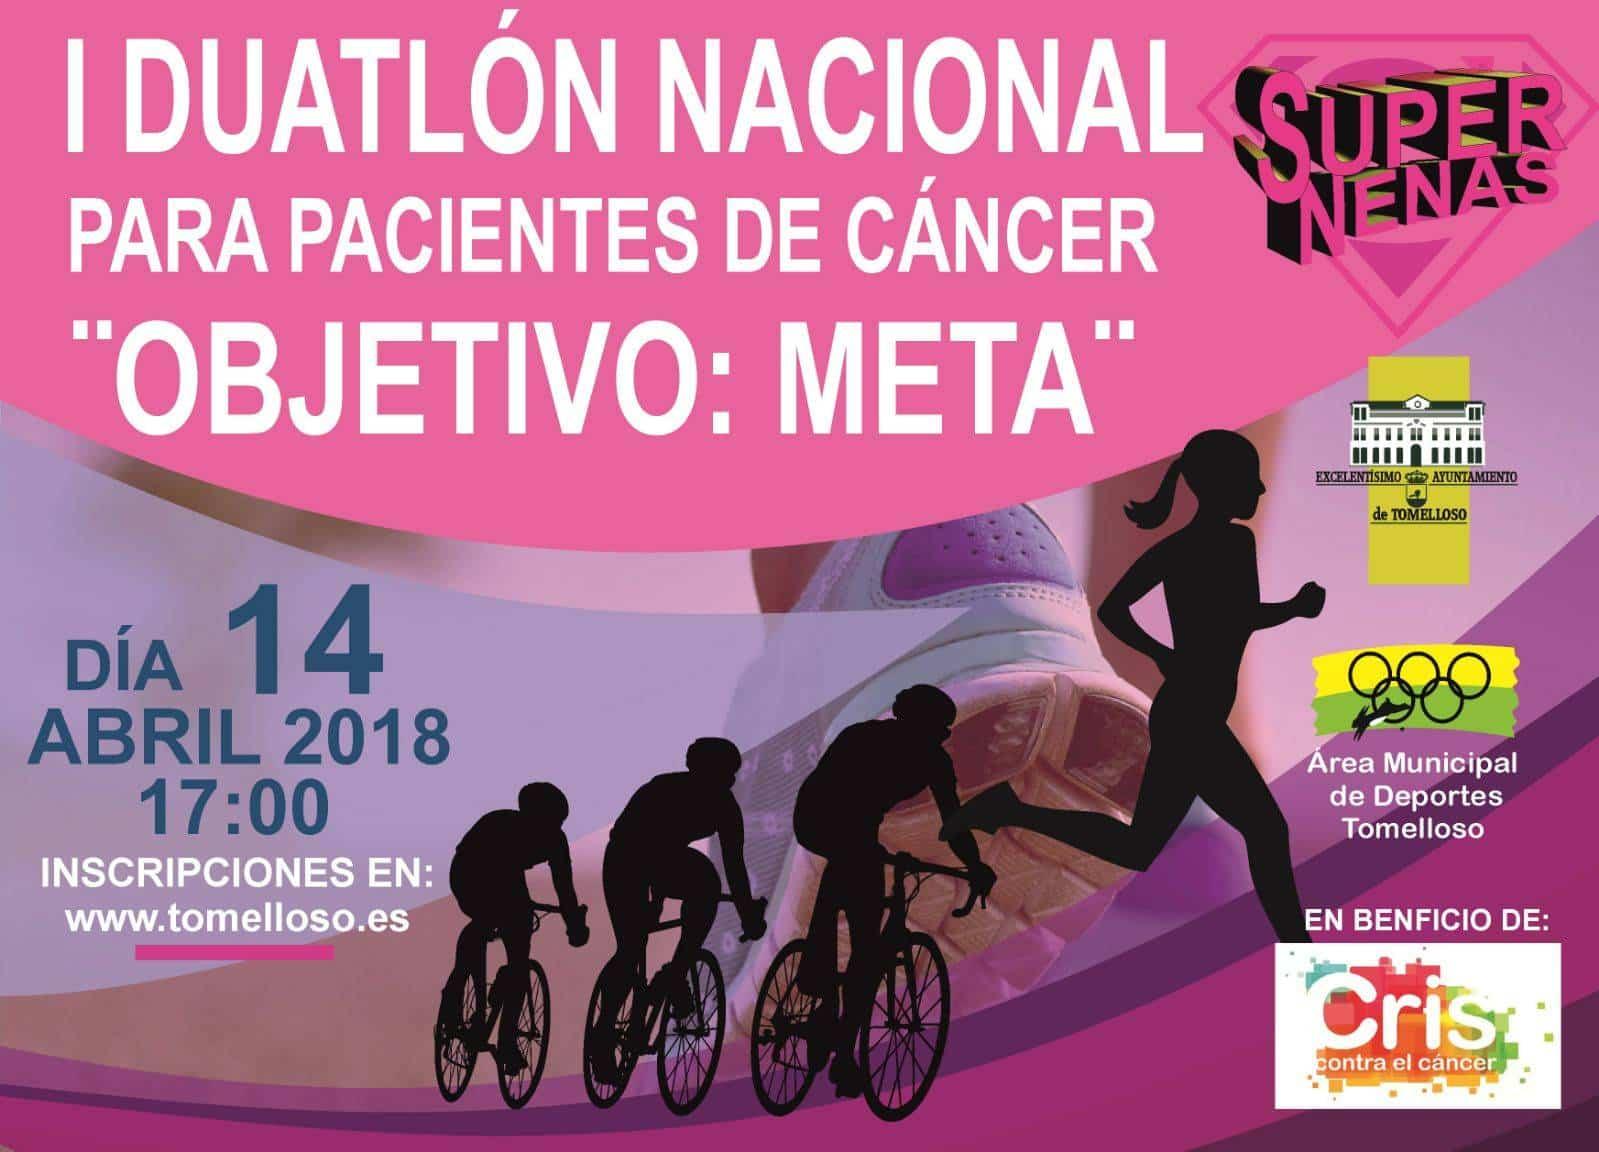 """Duatlon Supernenas objetivo meta - El colectivo Supernenas organiza el I Duatlon """"Objetivo Meta"""""""